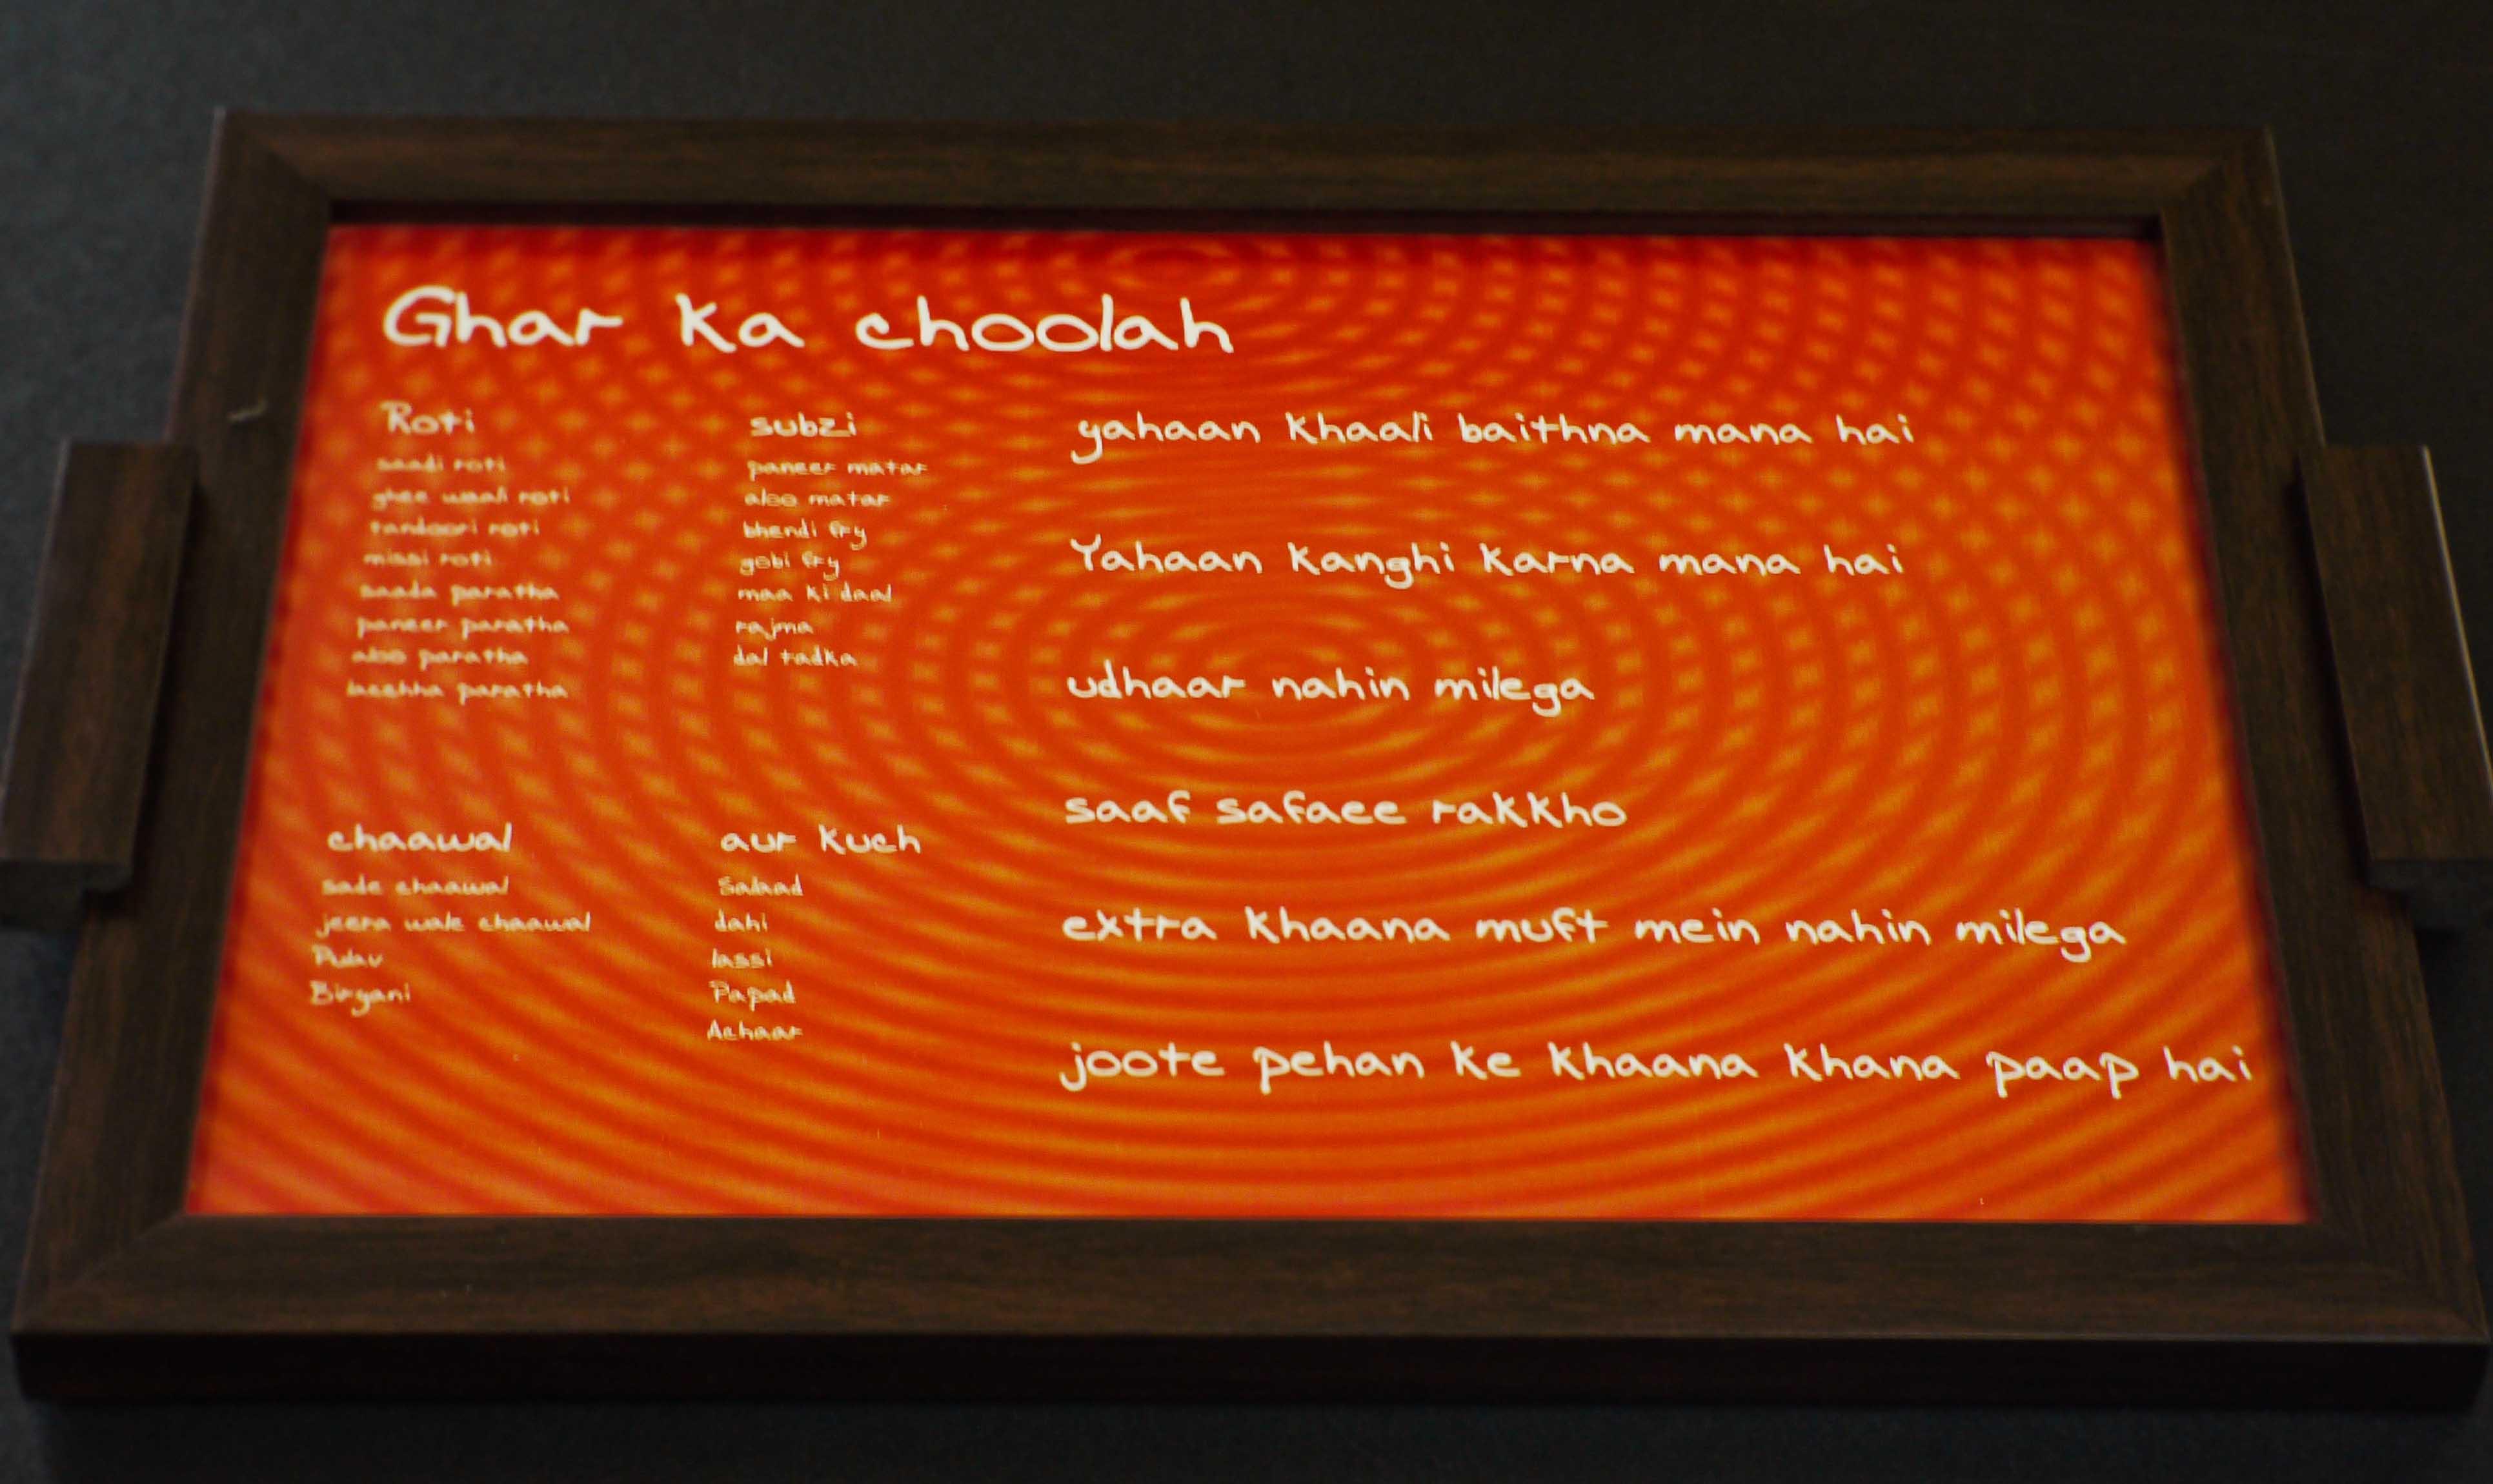 Buy Ghar Ka Choolah Tray Online